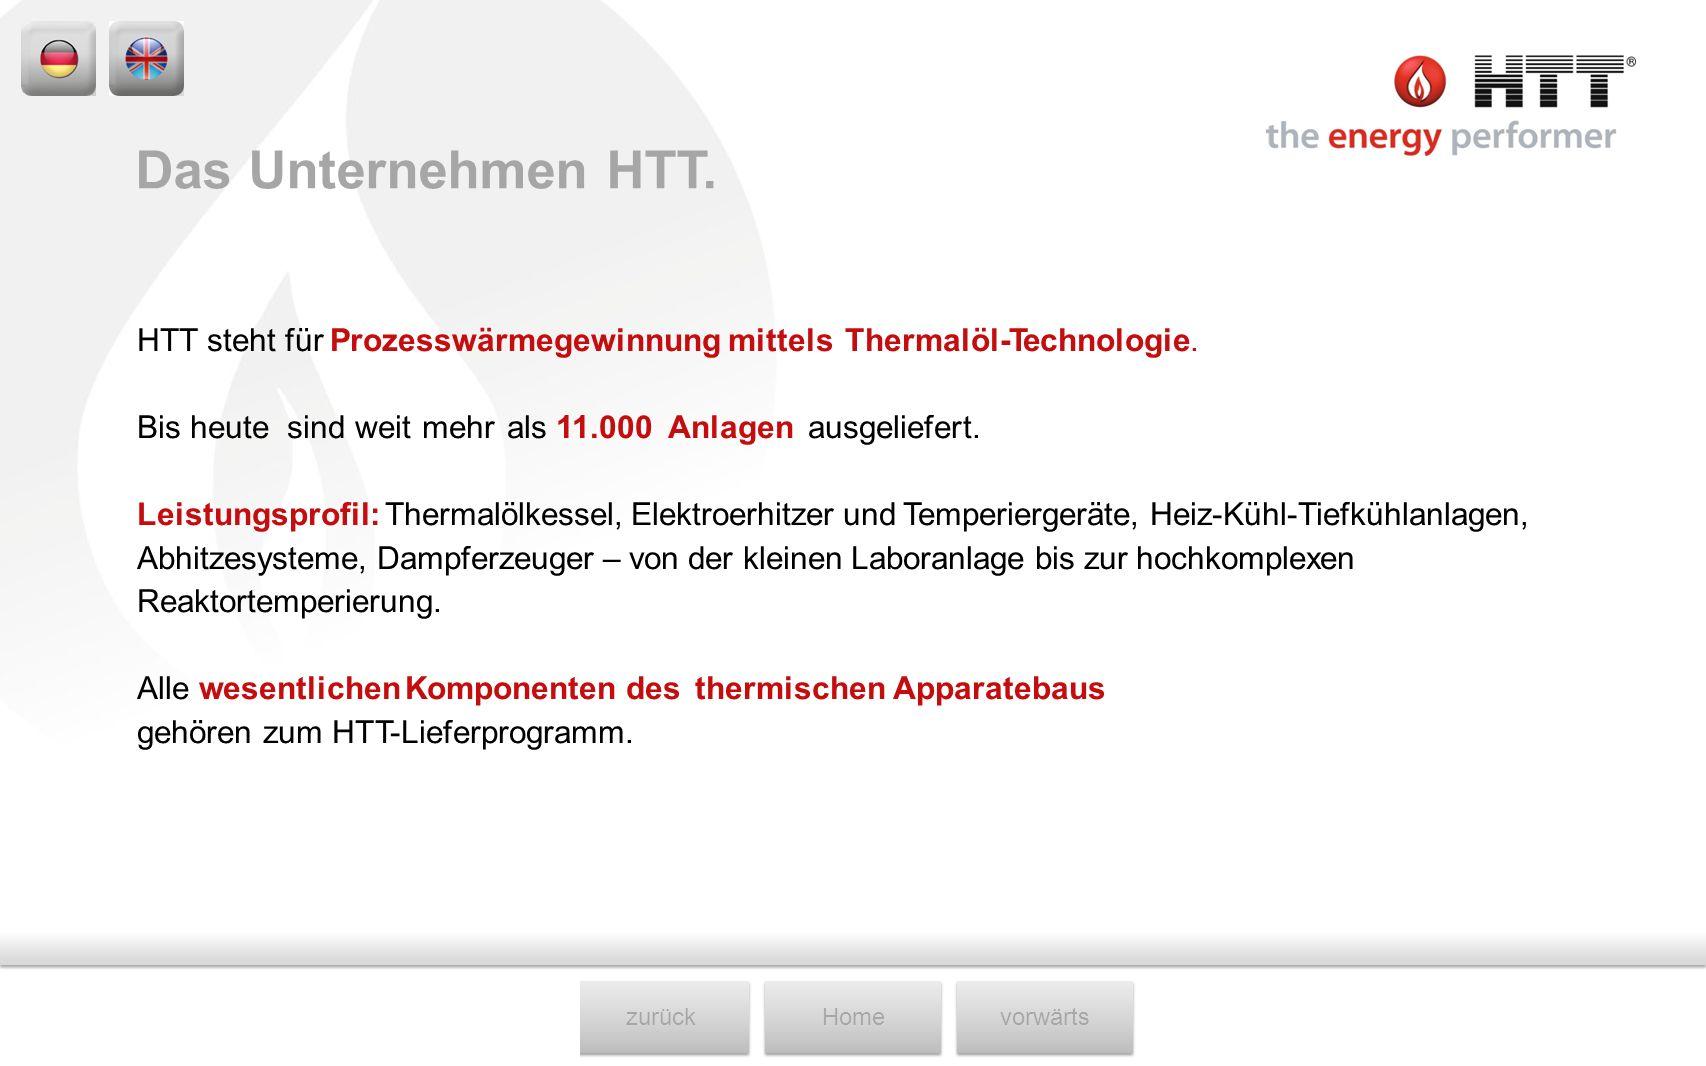 Das Unternehmen HTT. HTT steht für Prozesswärmegewinnung mittels Thermalöl-Technologie. Bis heute sind weit mehr als 11.000 Anlagen ausgeliefert.